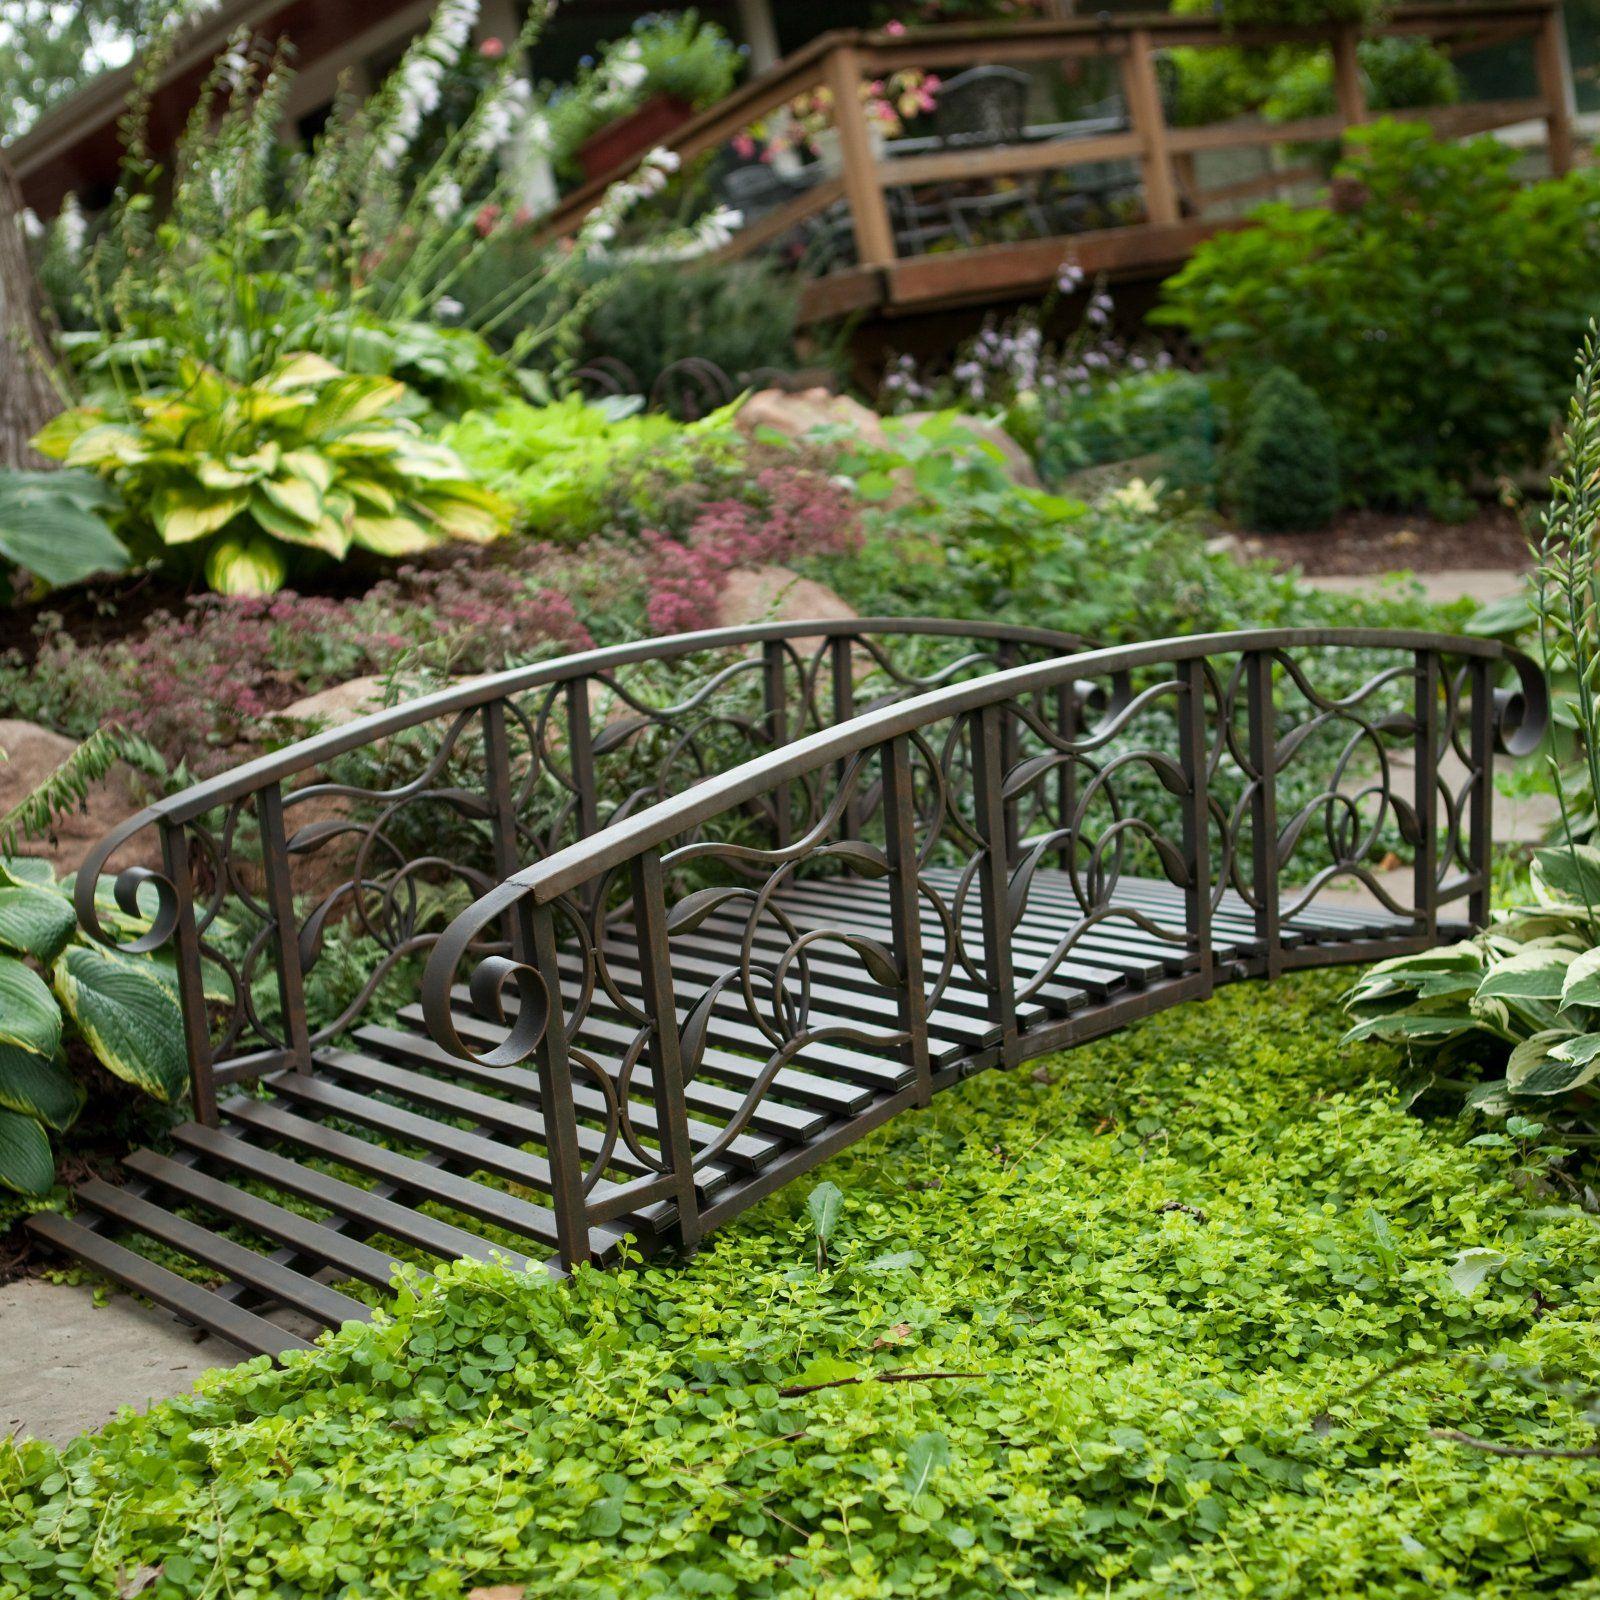 Willow Creek 6-ft. Metal Garden Bridge Item#: CWR031 Sale Price ...